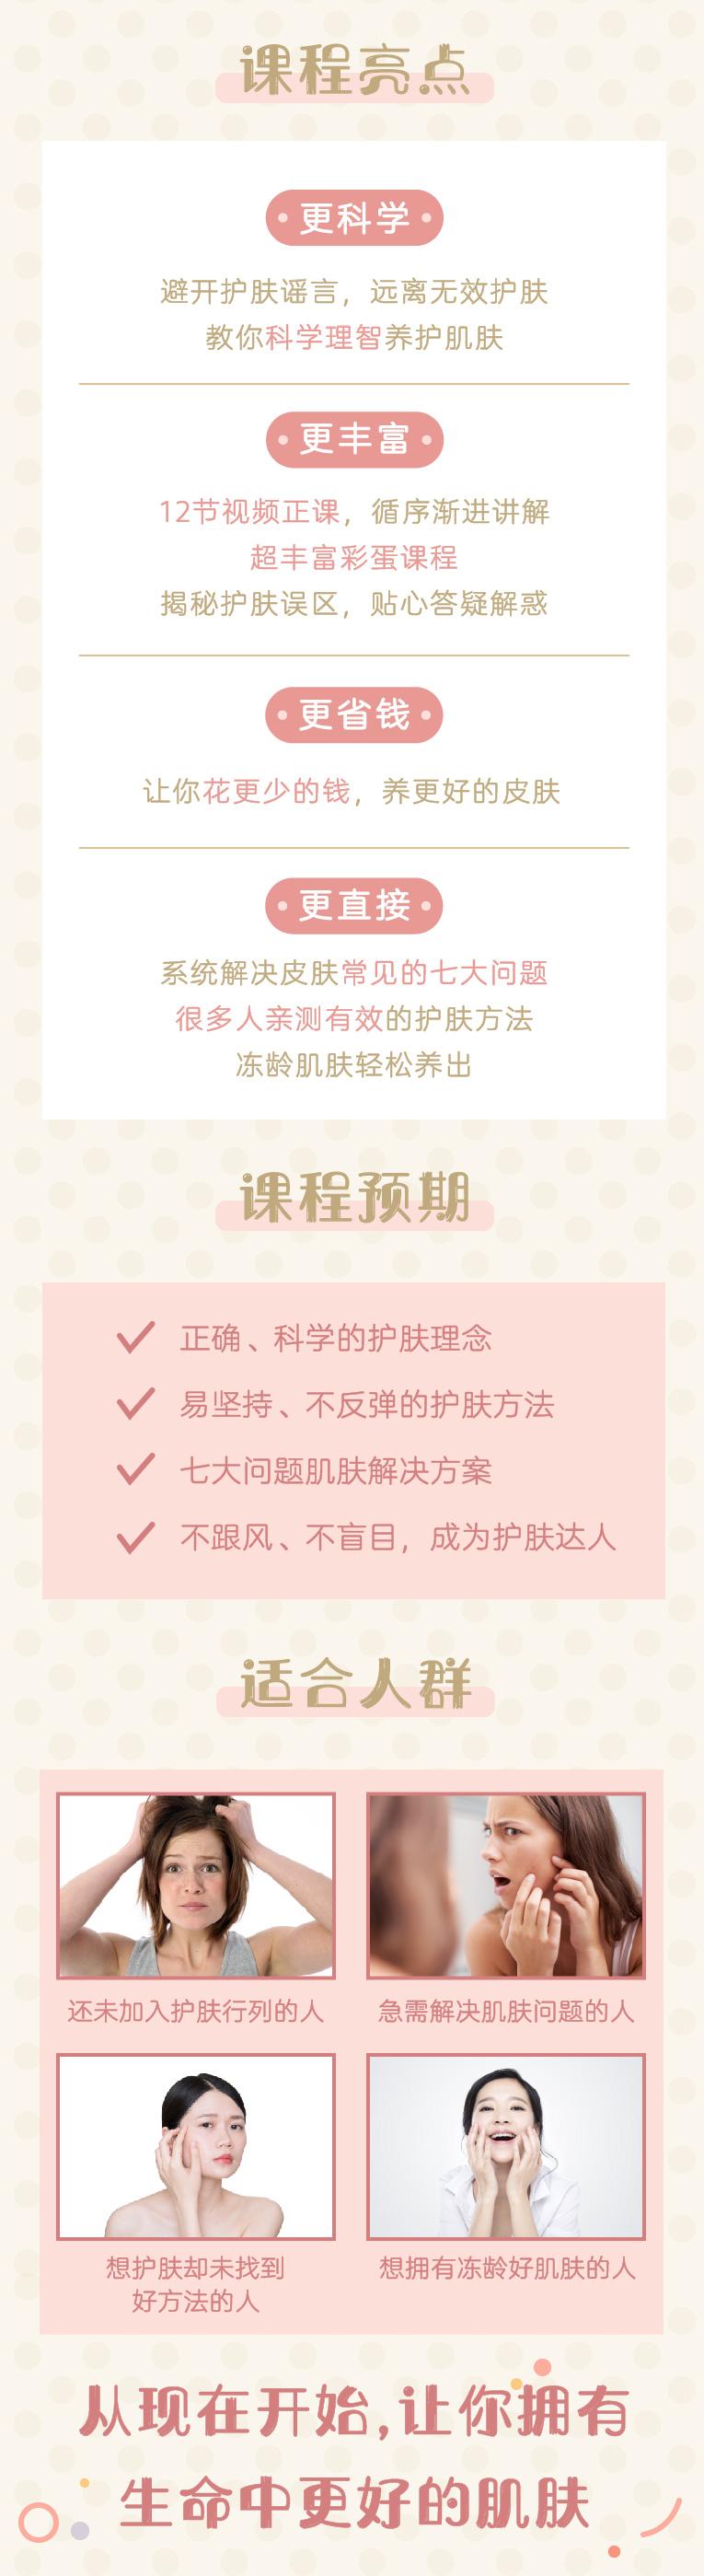 李慧伦护肤课-详情页-19.8.2-04.jpg